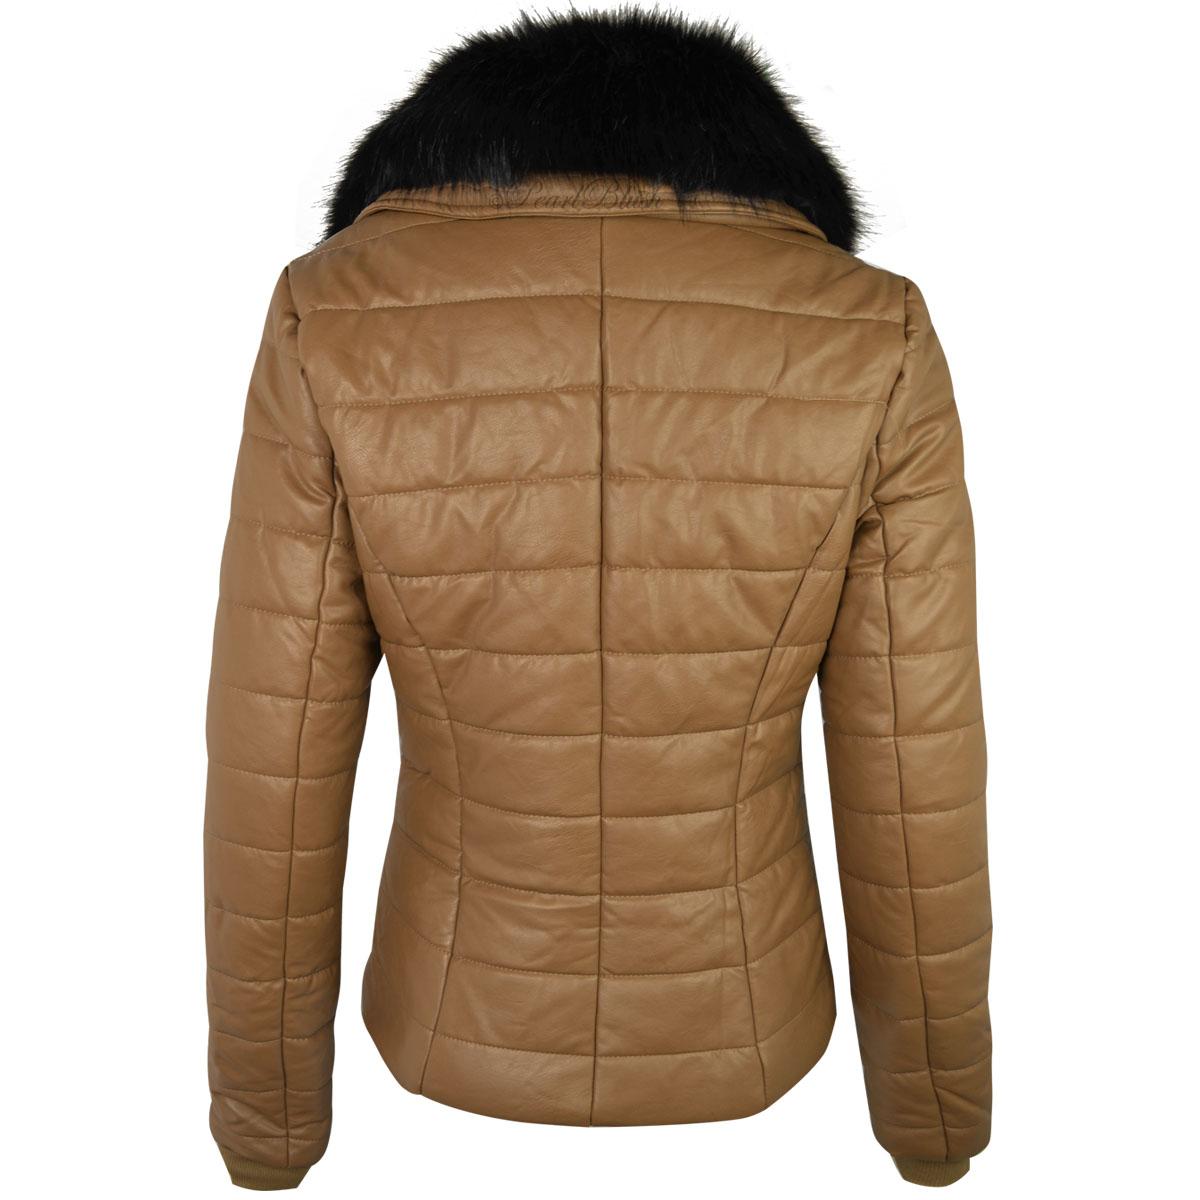 womens ladies faux leather bomber jacket detachable fur